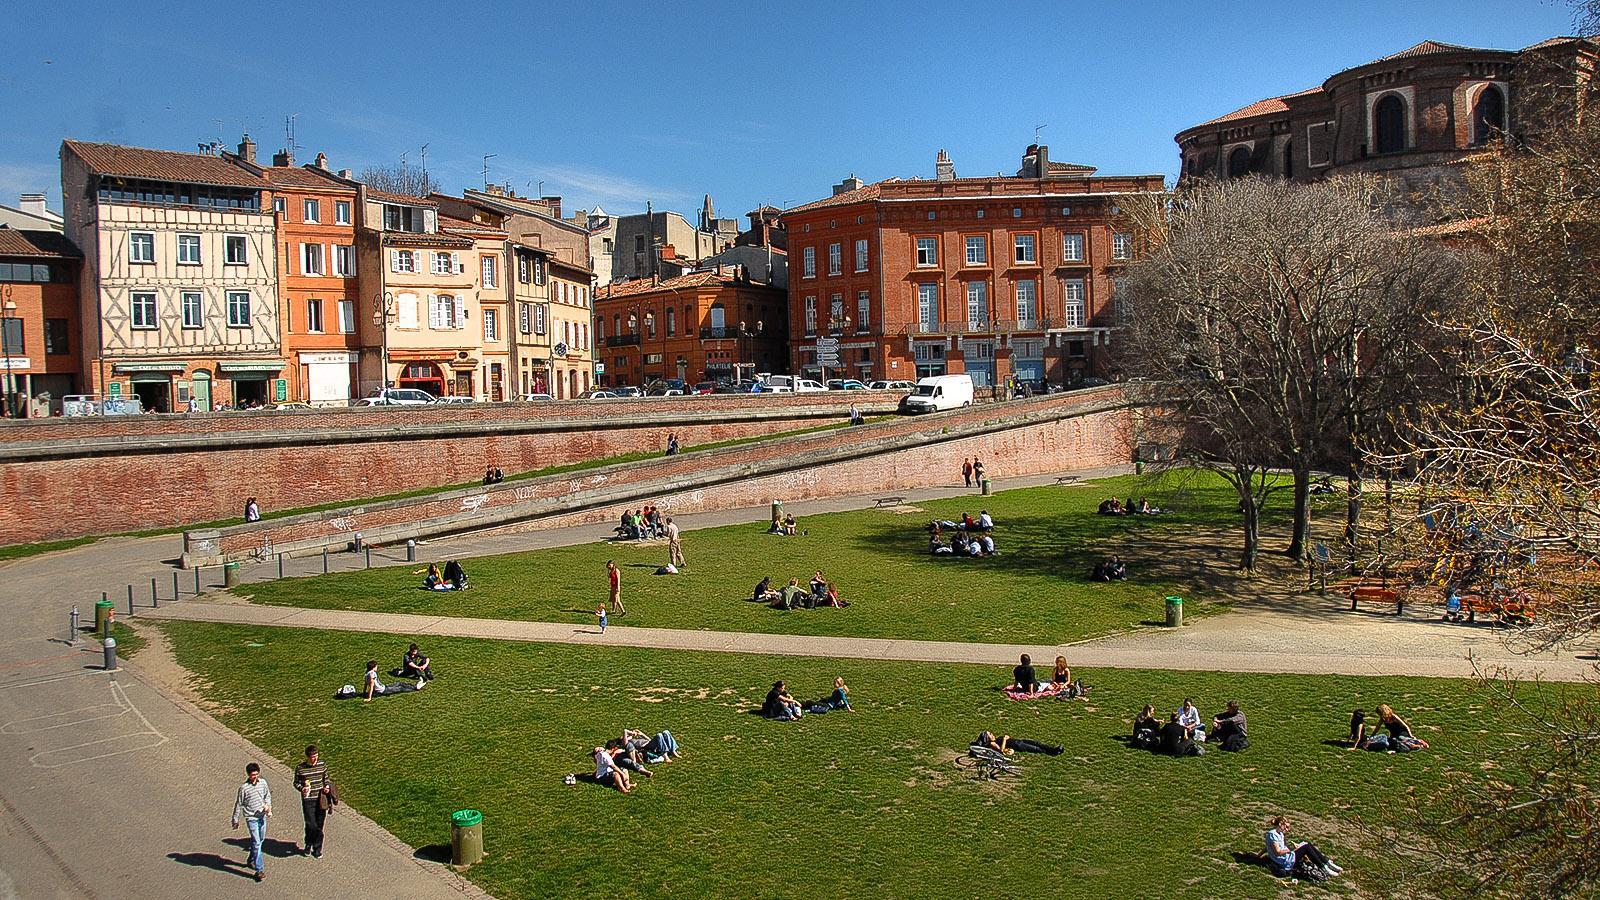 Toulouse: eine beliebte Oase im Grünen: die Place de la Daurade mit ihrem kleinen Park am Ufer der Garonne. Foto: Hilke Maunder